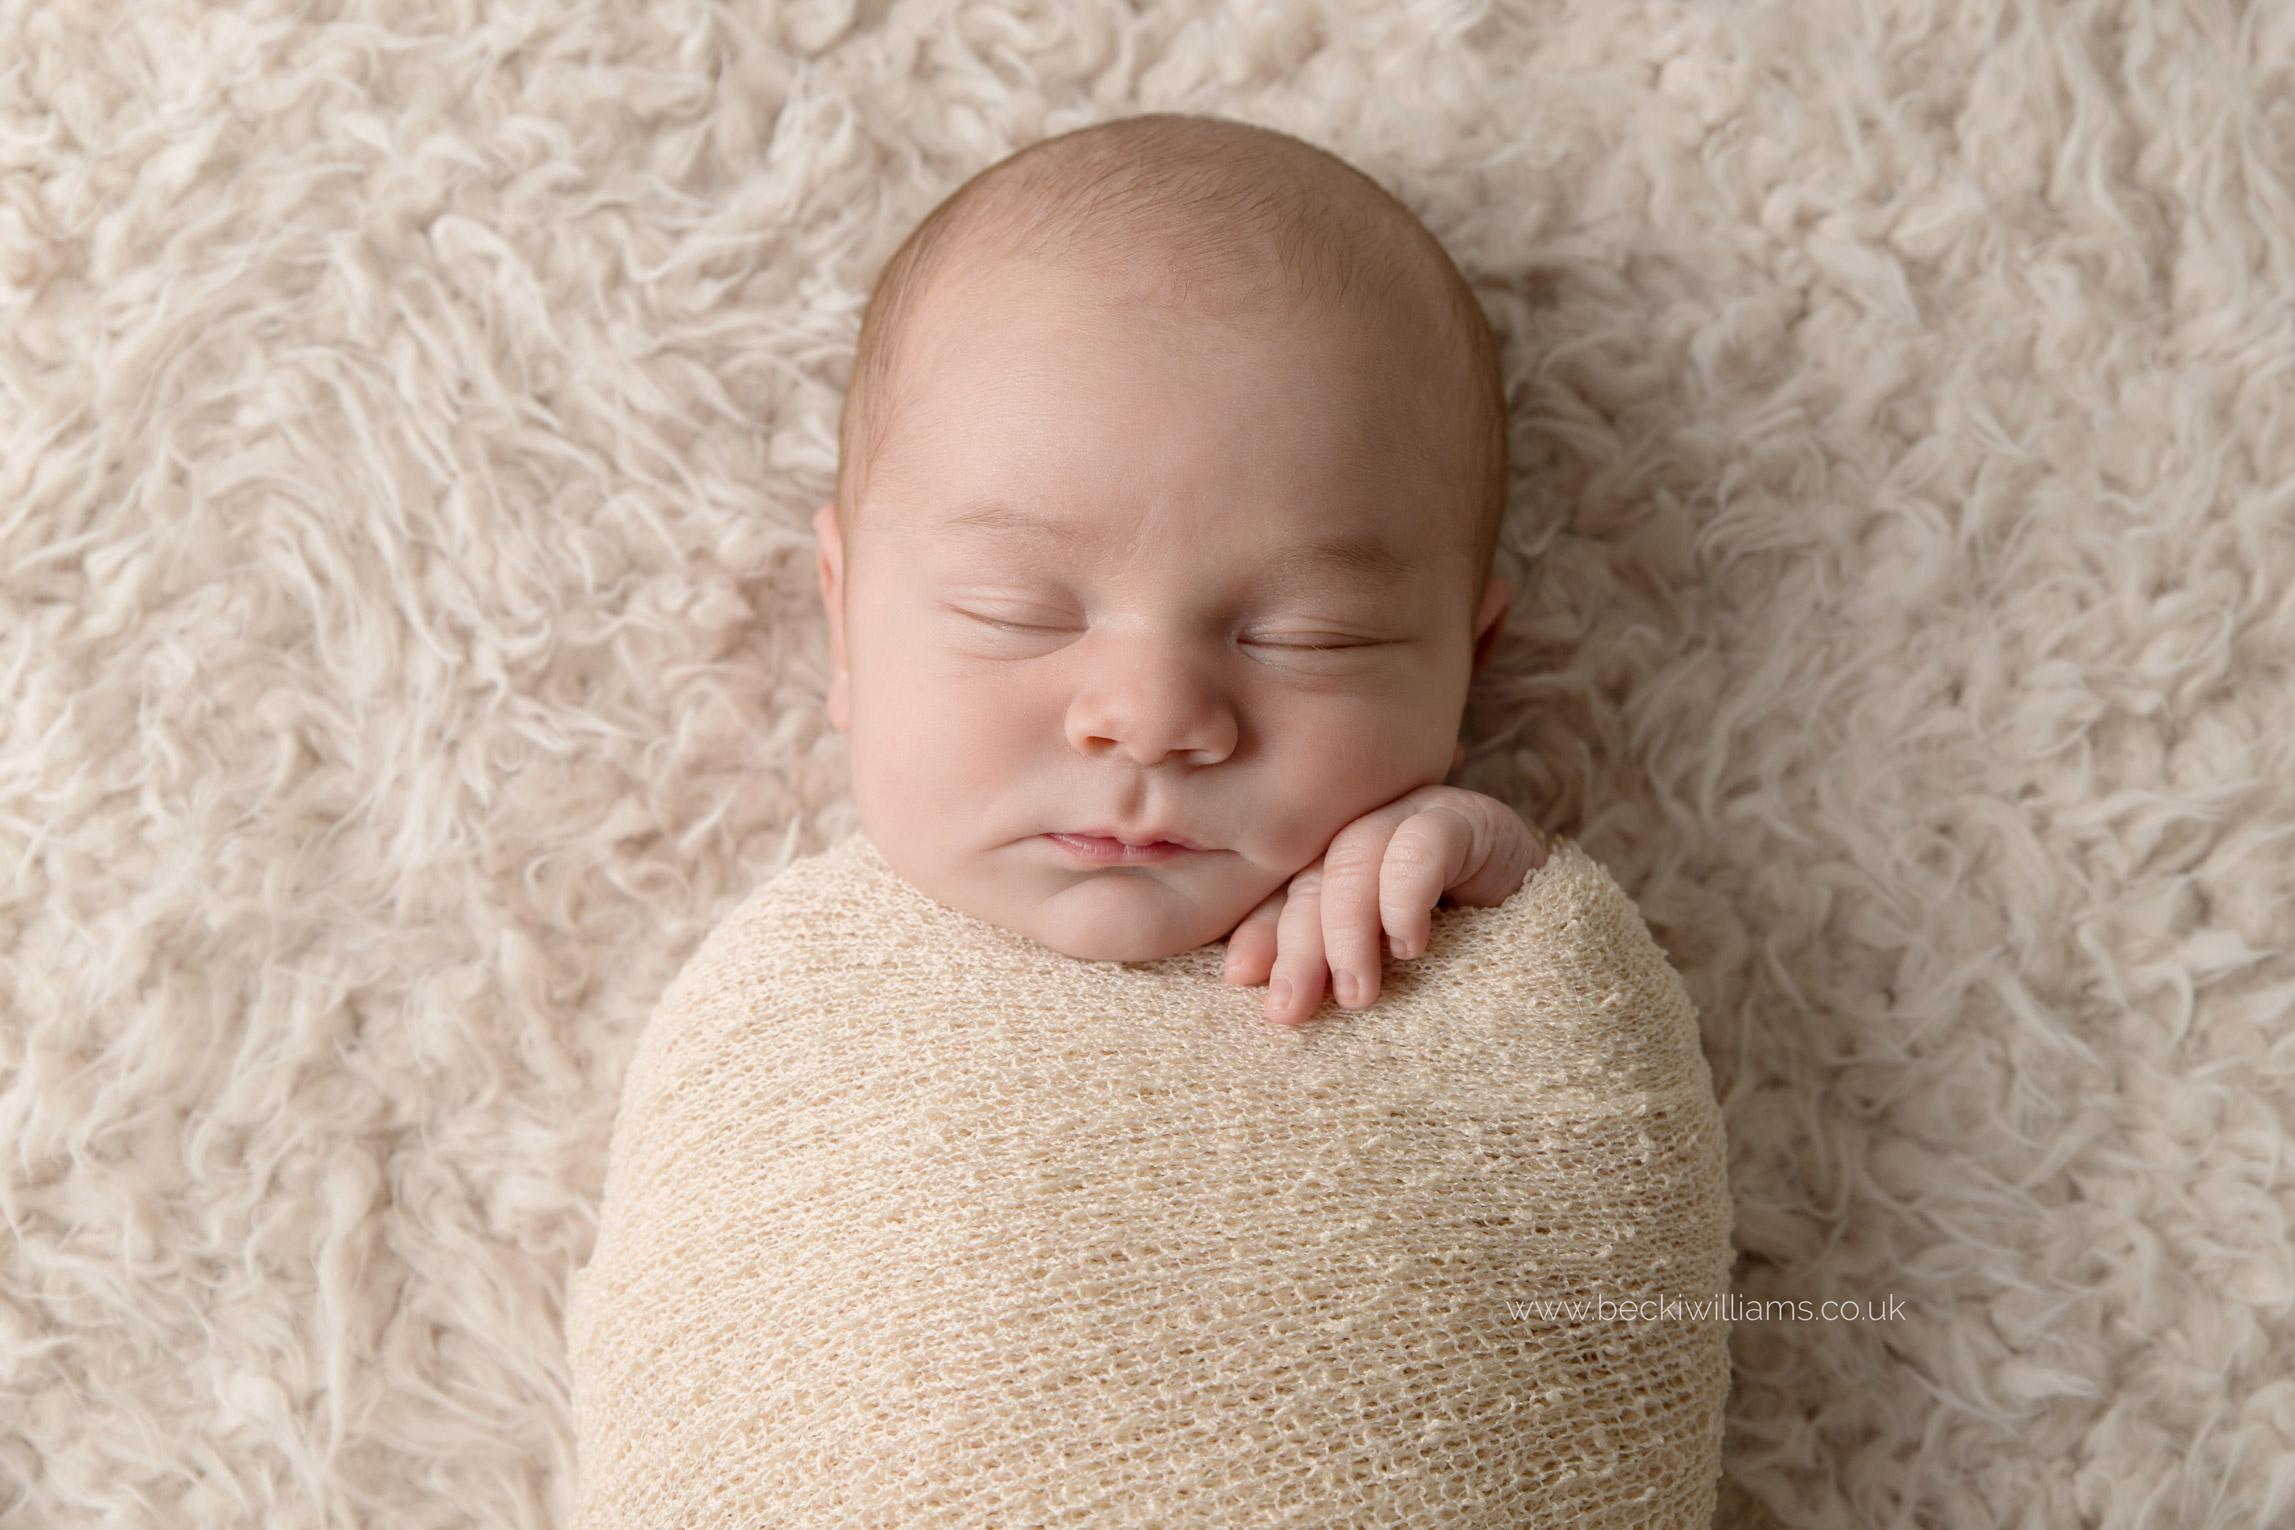 sleeping newborn baby boy wrapped in a cream blanket on a cream fluffy throw